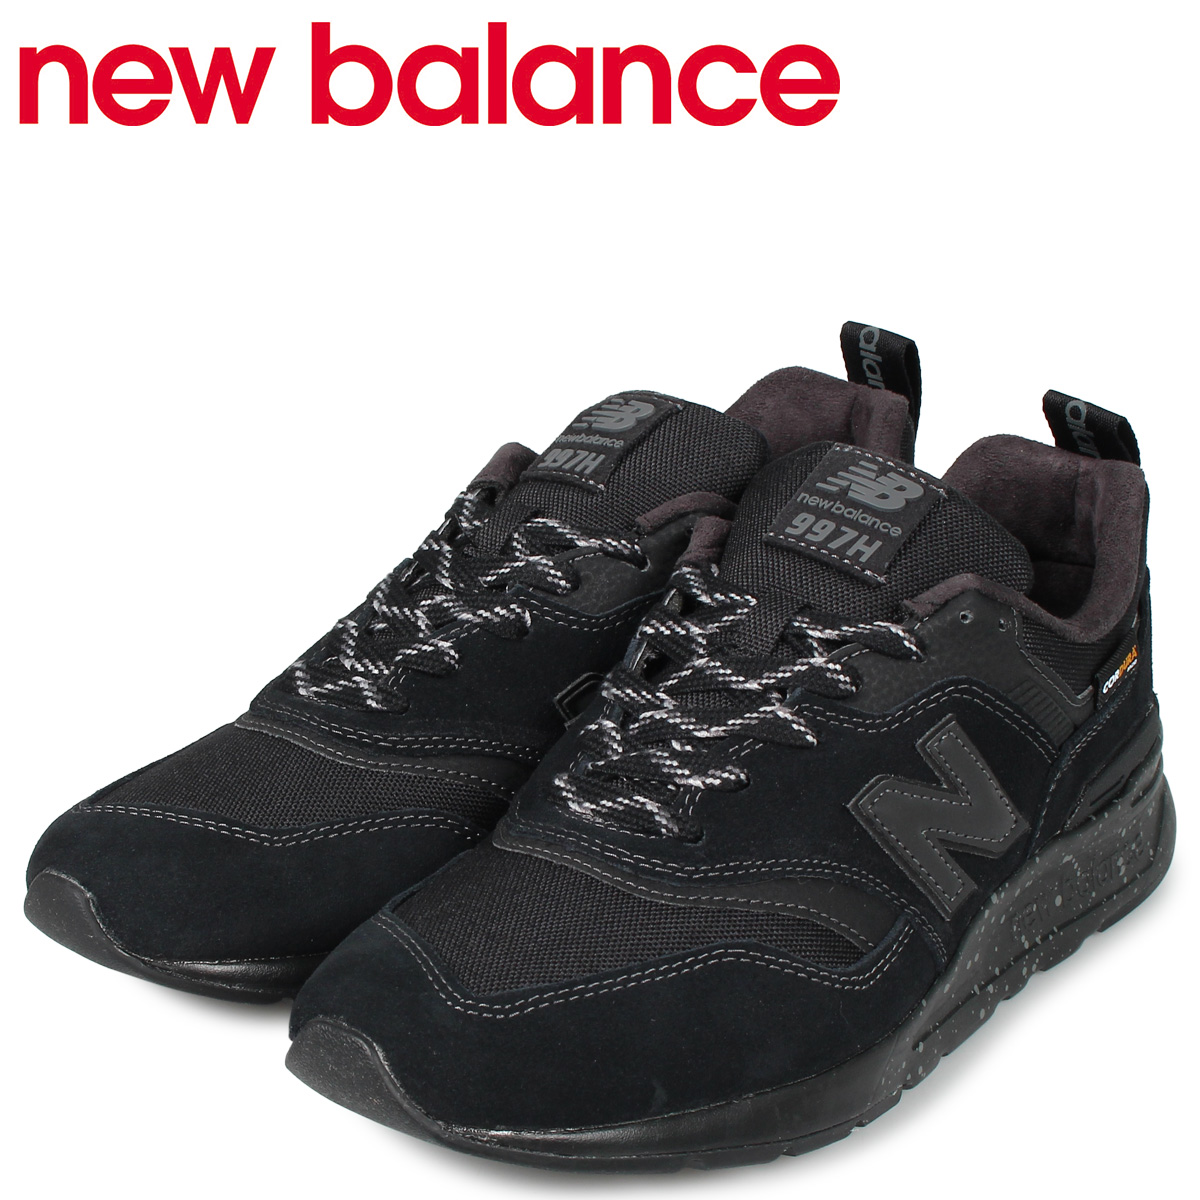 new balance ニューバランス 997 スニーカー メンズ Dワイズ ブラック 黒 CM997HCY